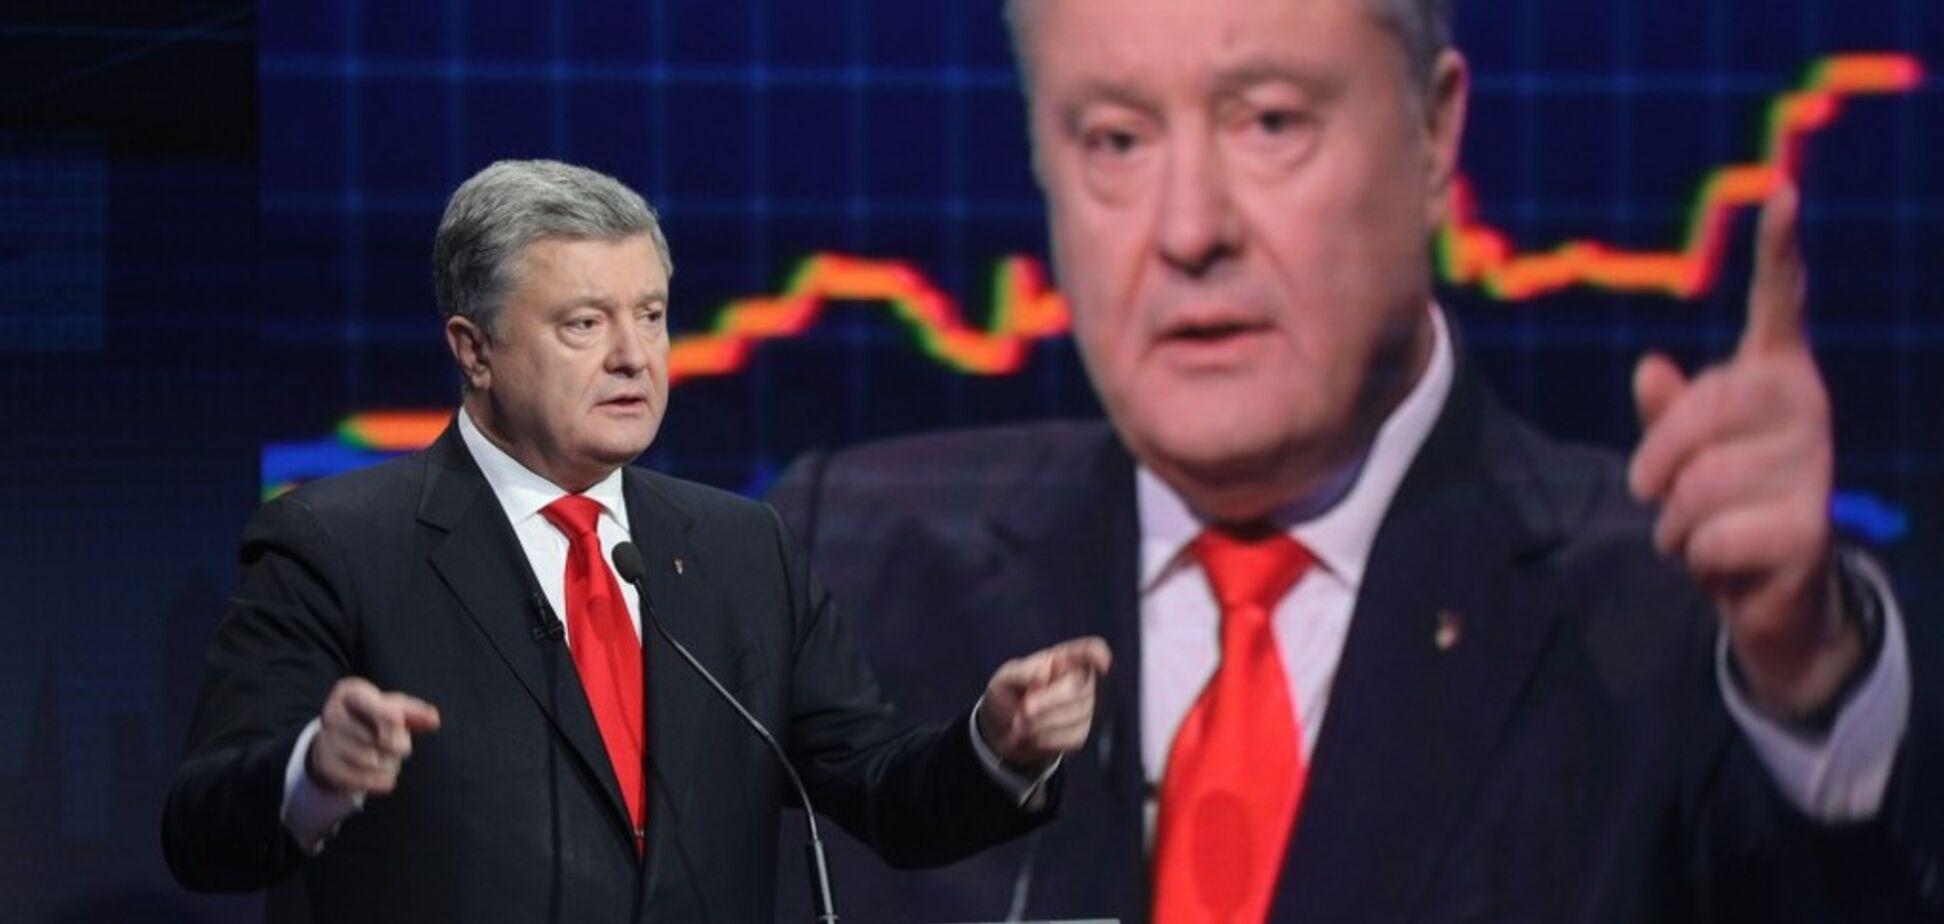 Росія взяла в полон моряків: Україна готує позов у Міжнародний суд ООН